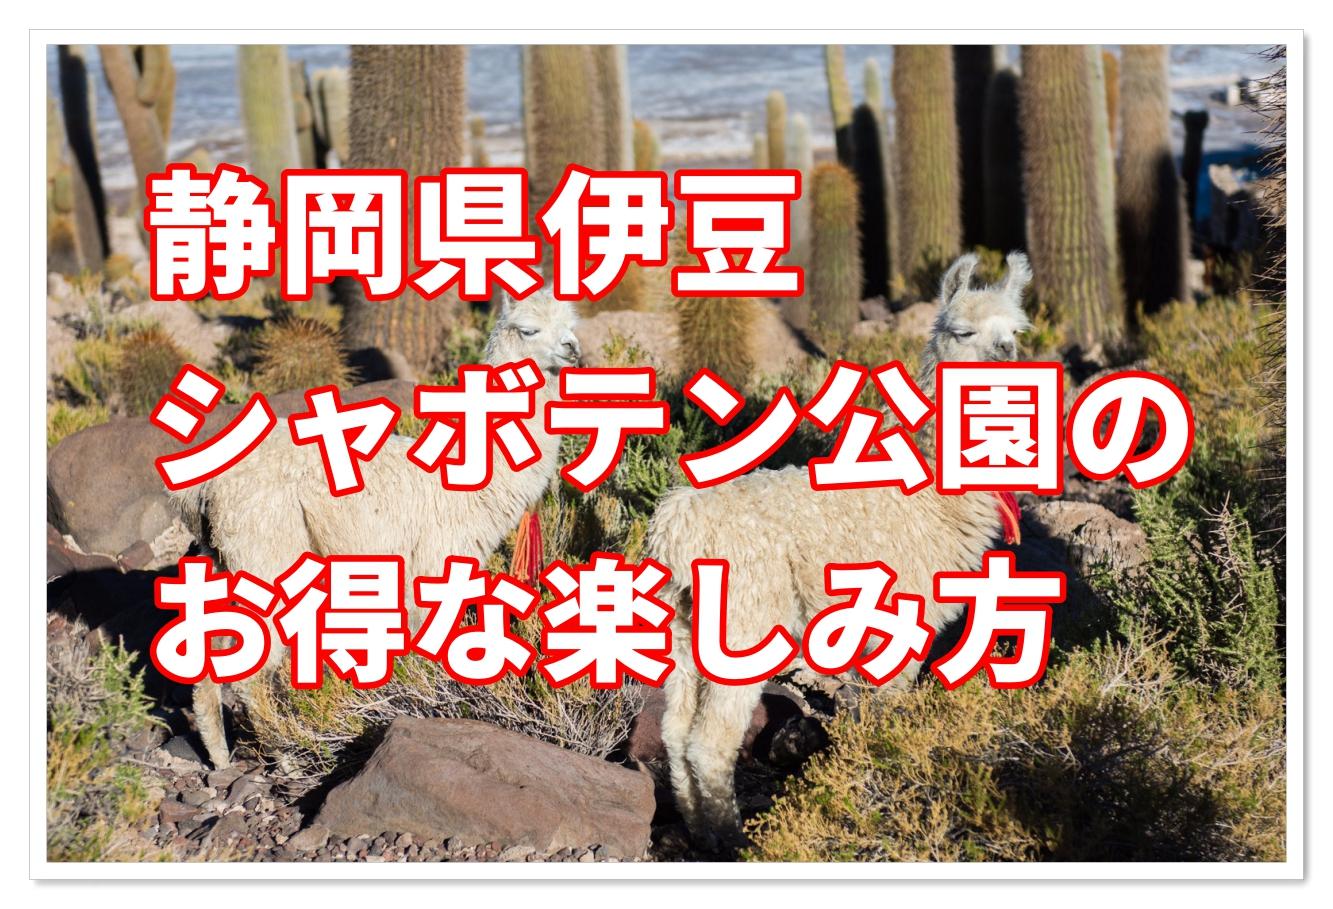 シャボテン 動物 公園 伊豆